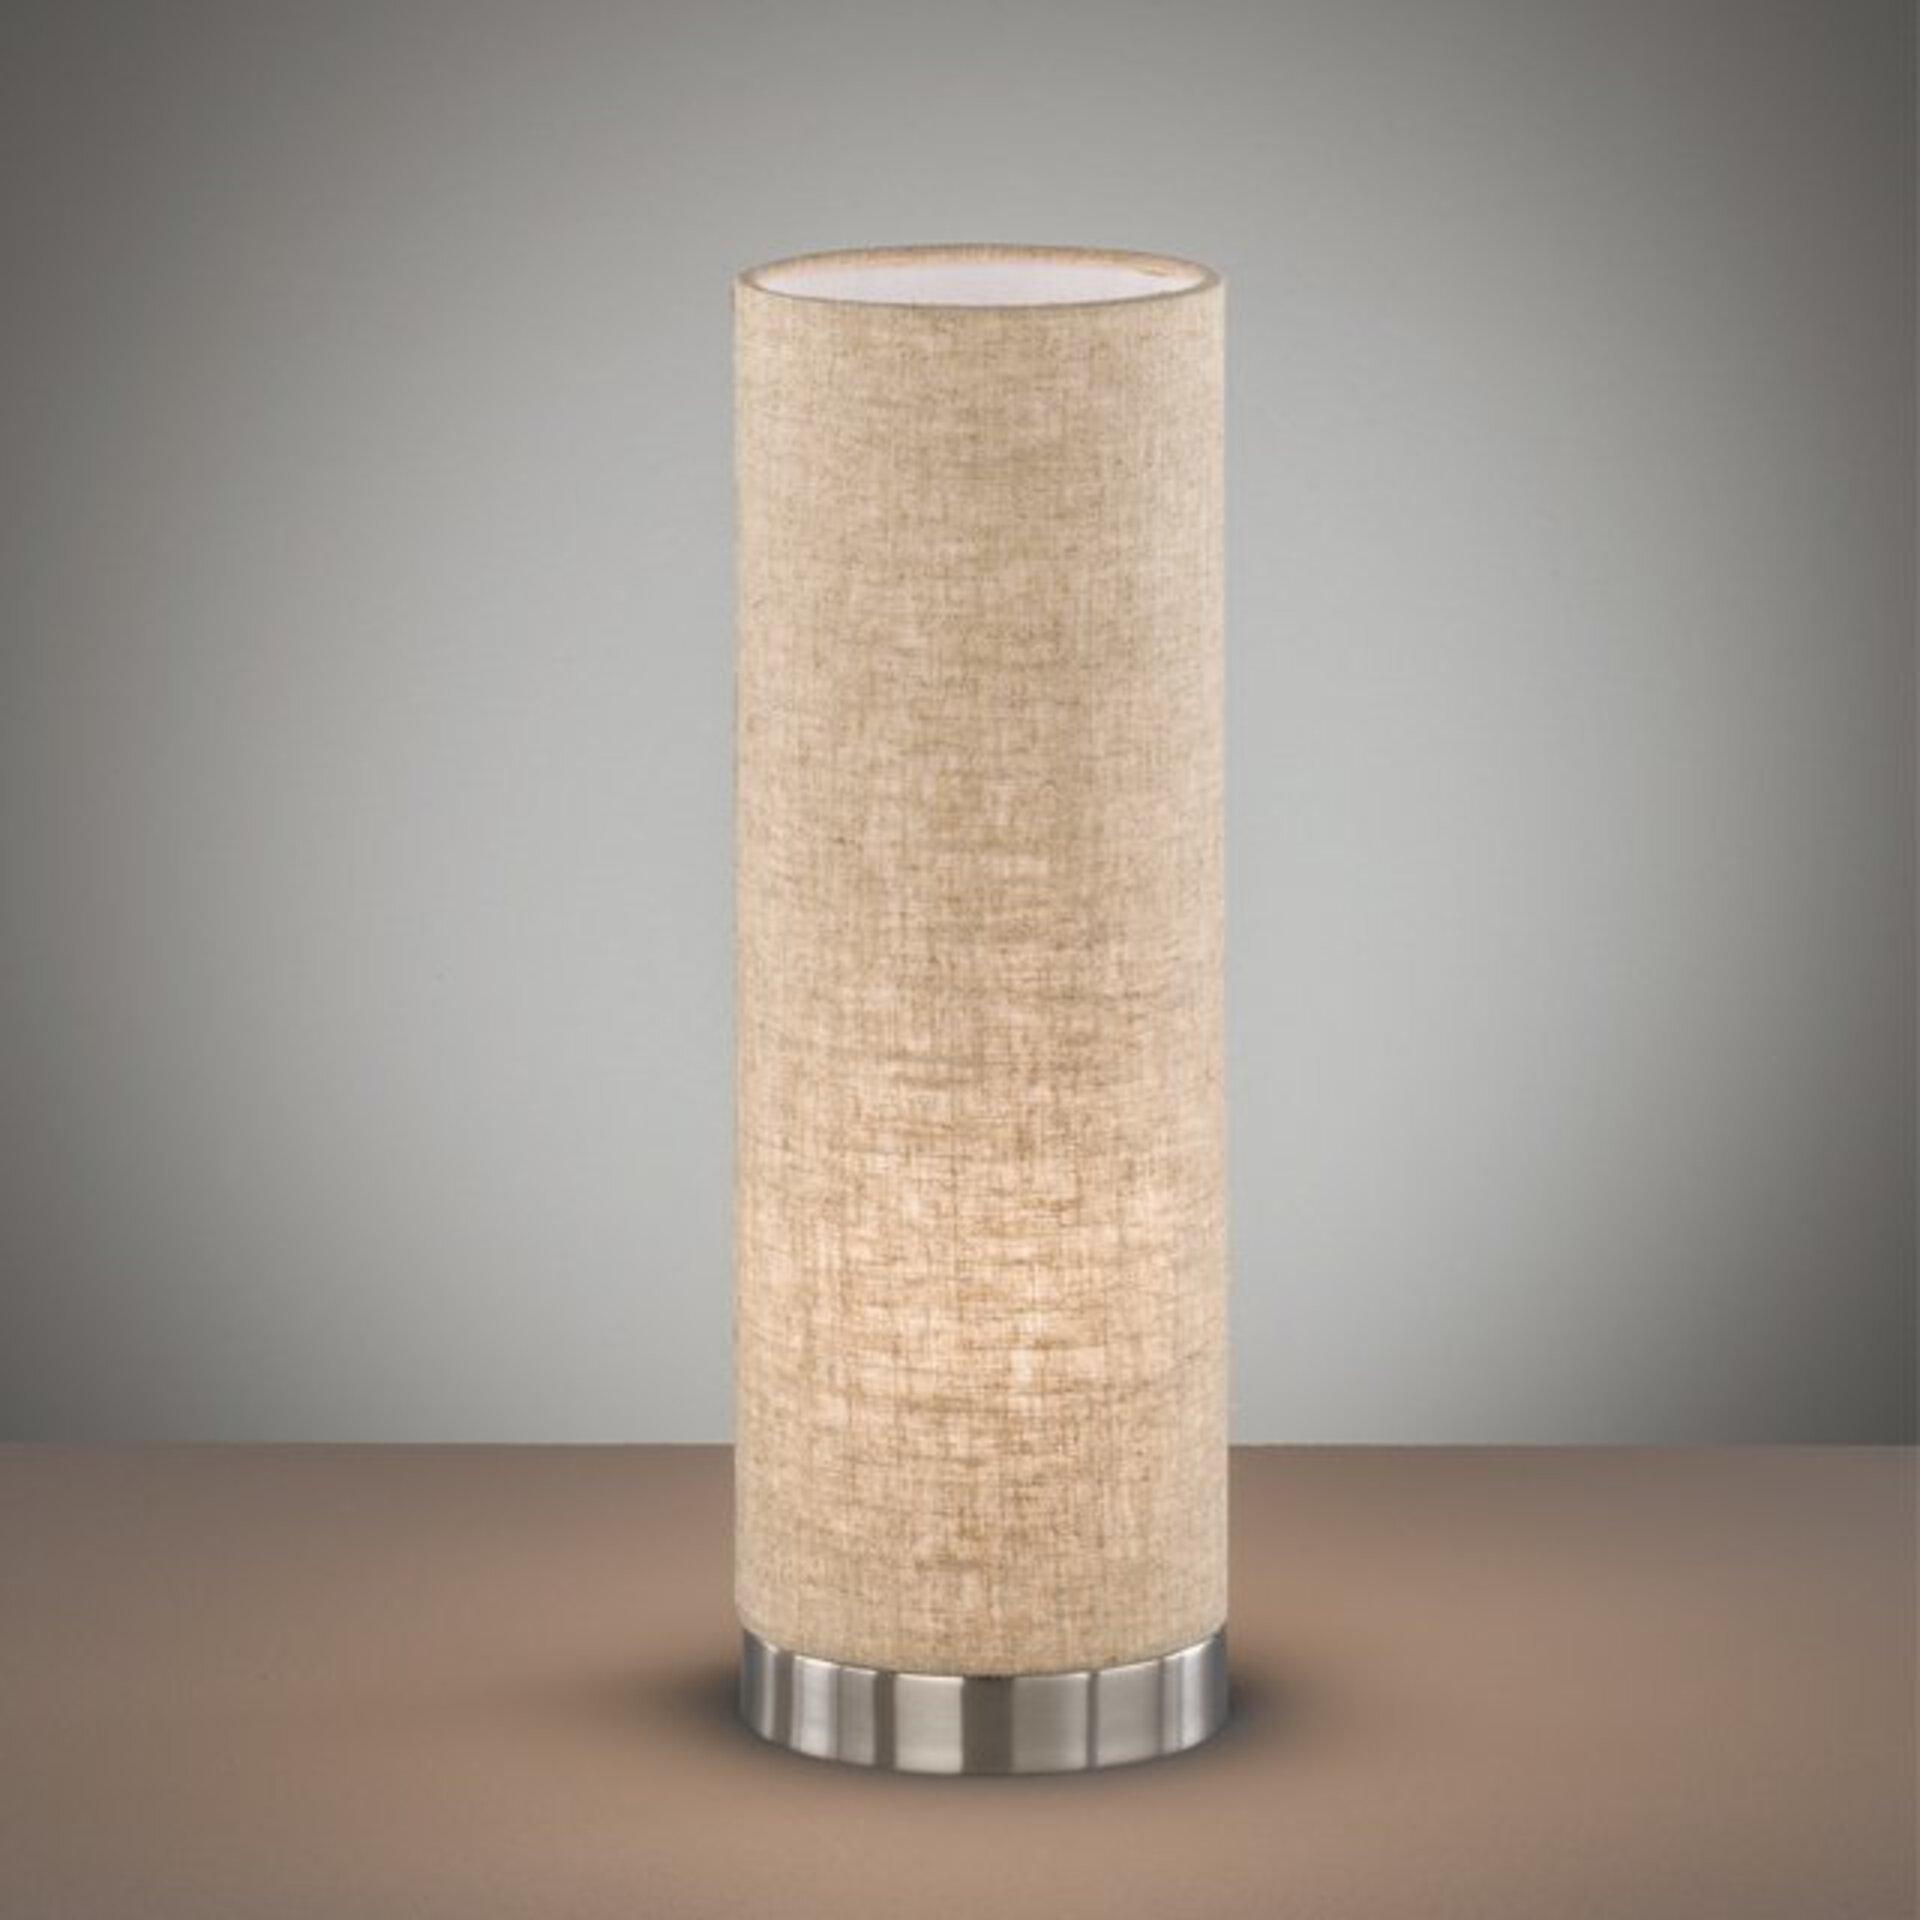 Tischleuchte Thor Fischer-Honsel Textil beige 12 x 36 x 12 cm